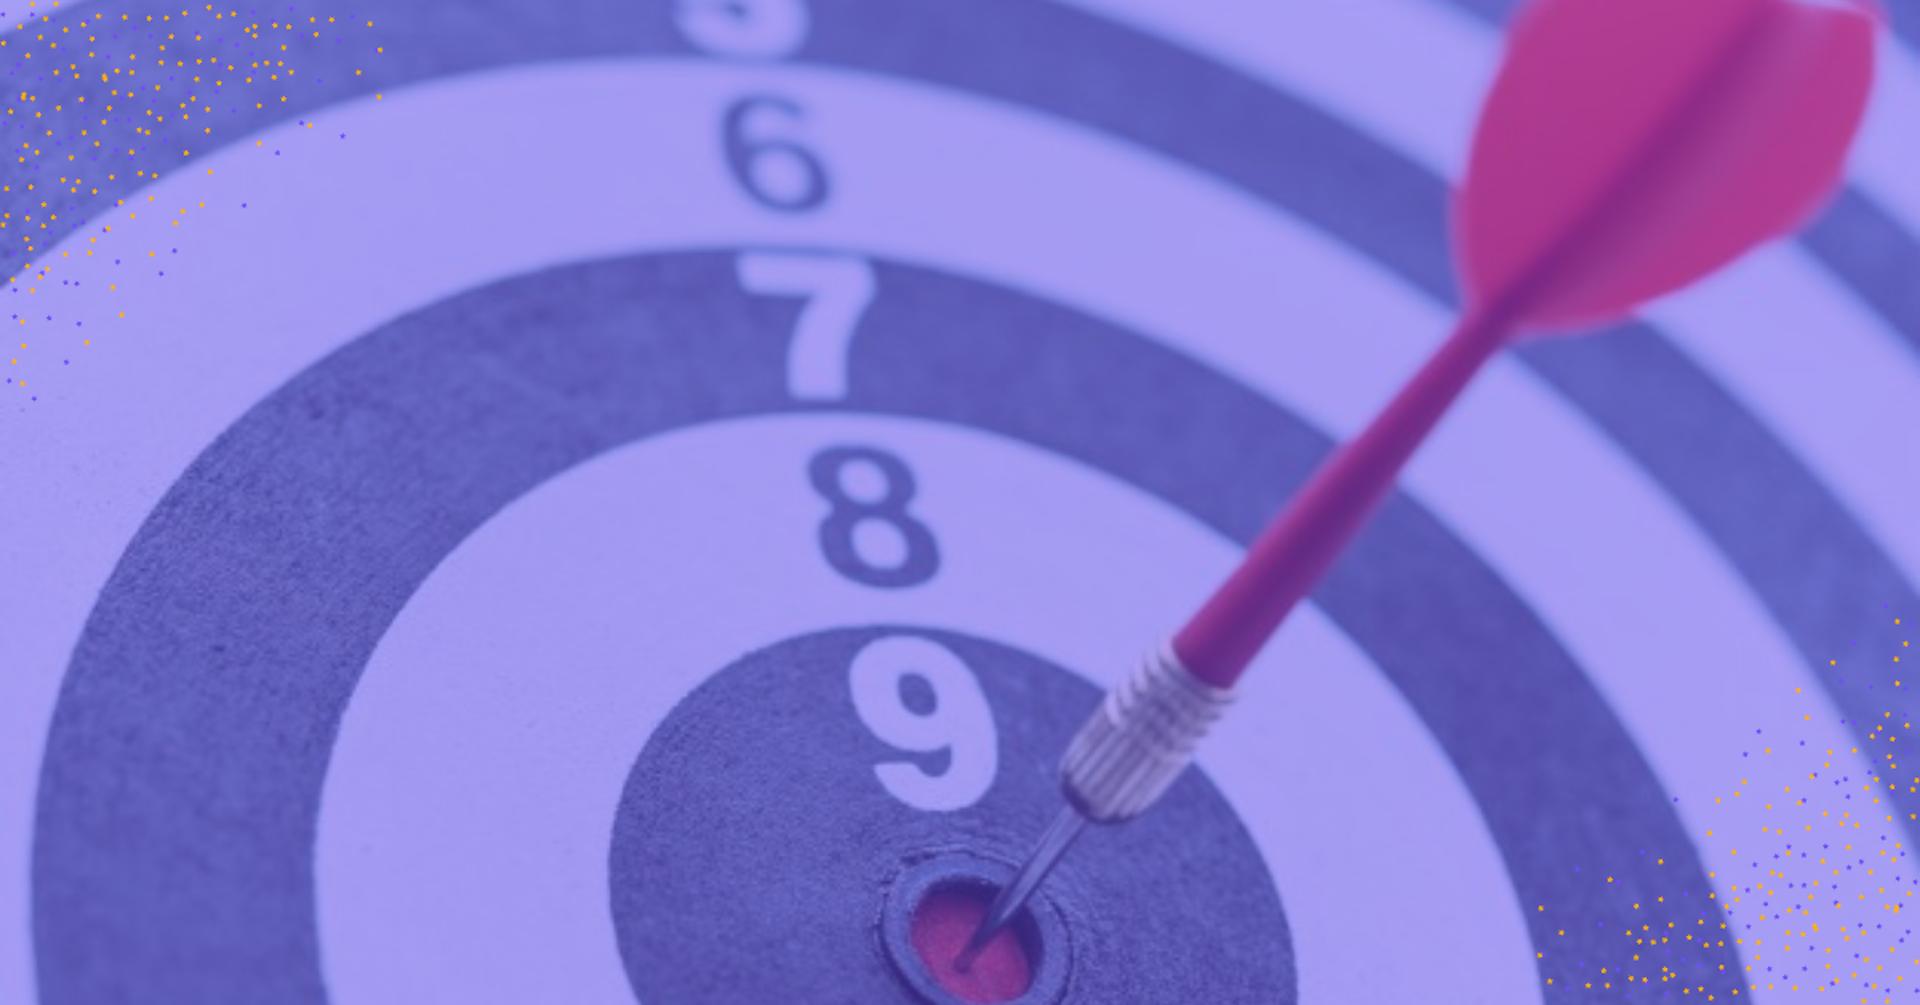 Descubre qué es target en marketing y aprende a identificar a tus clientes